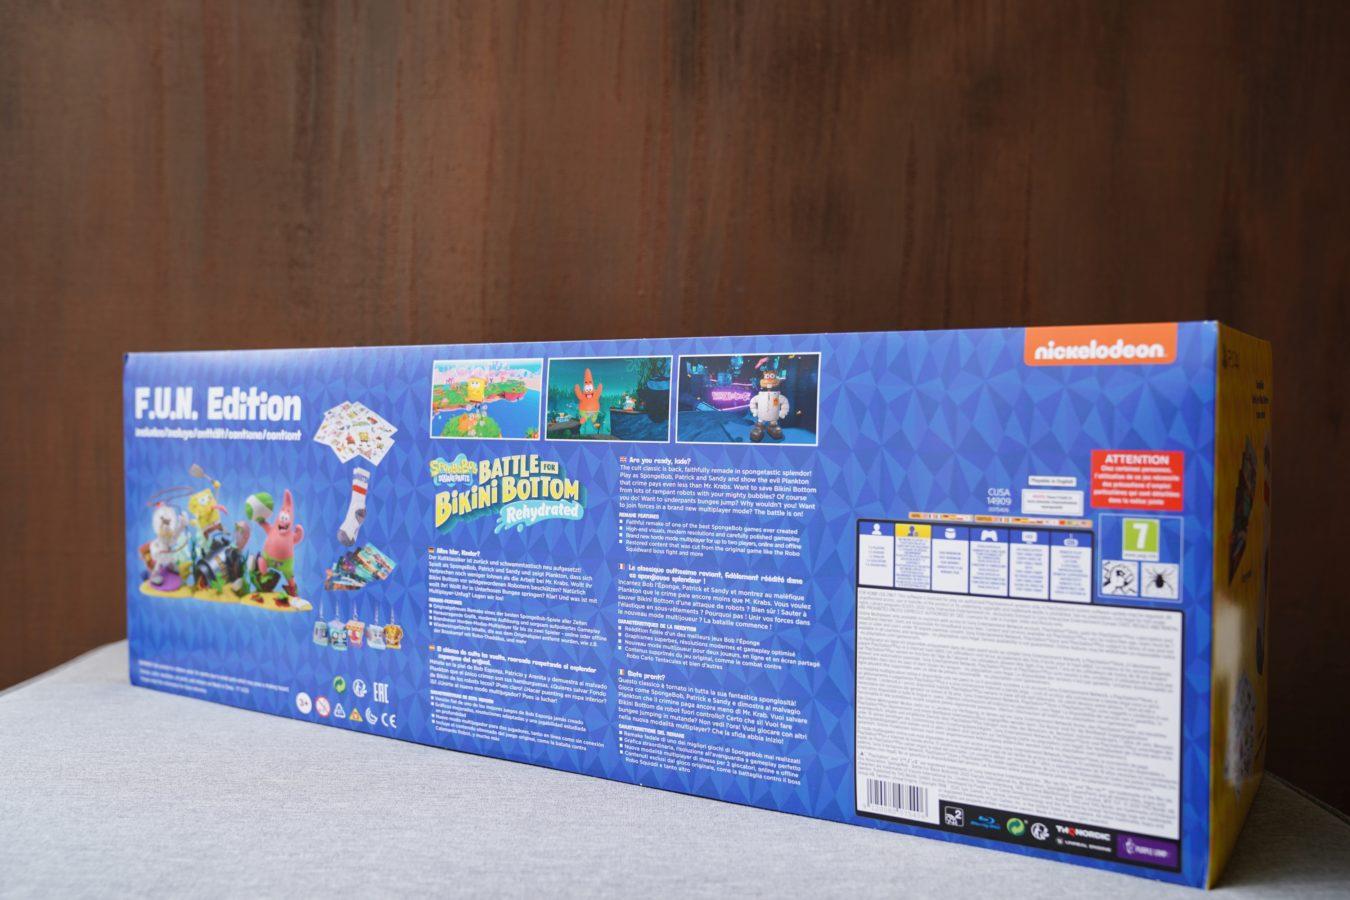 Unboxing ogromnej edycji kolekcjonerskiej SpongeBob SquarePants: Battle for Bikini Bottom Rehydrated F.U.N. Edition 20